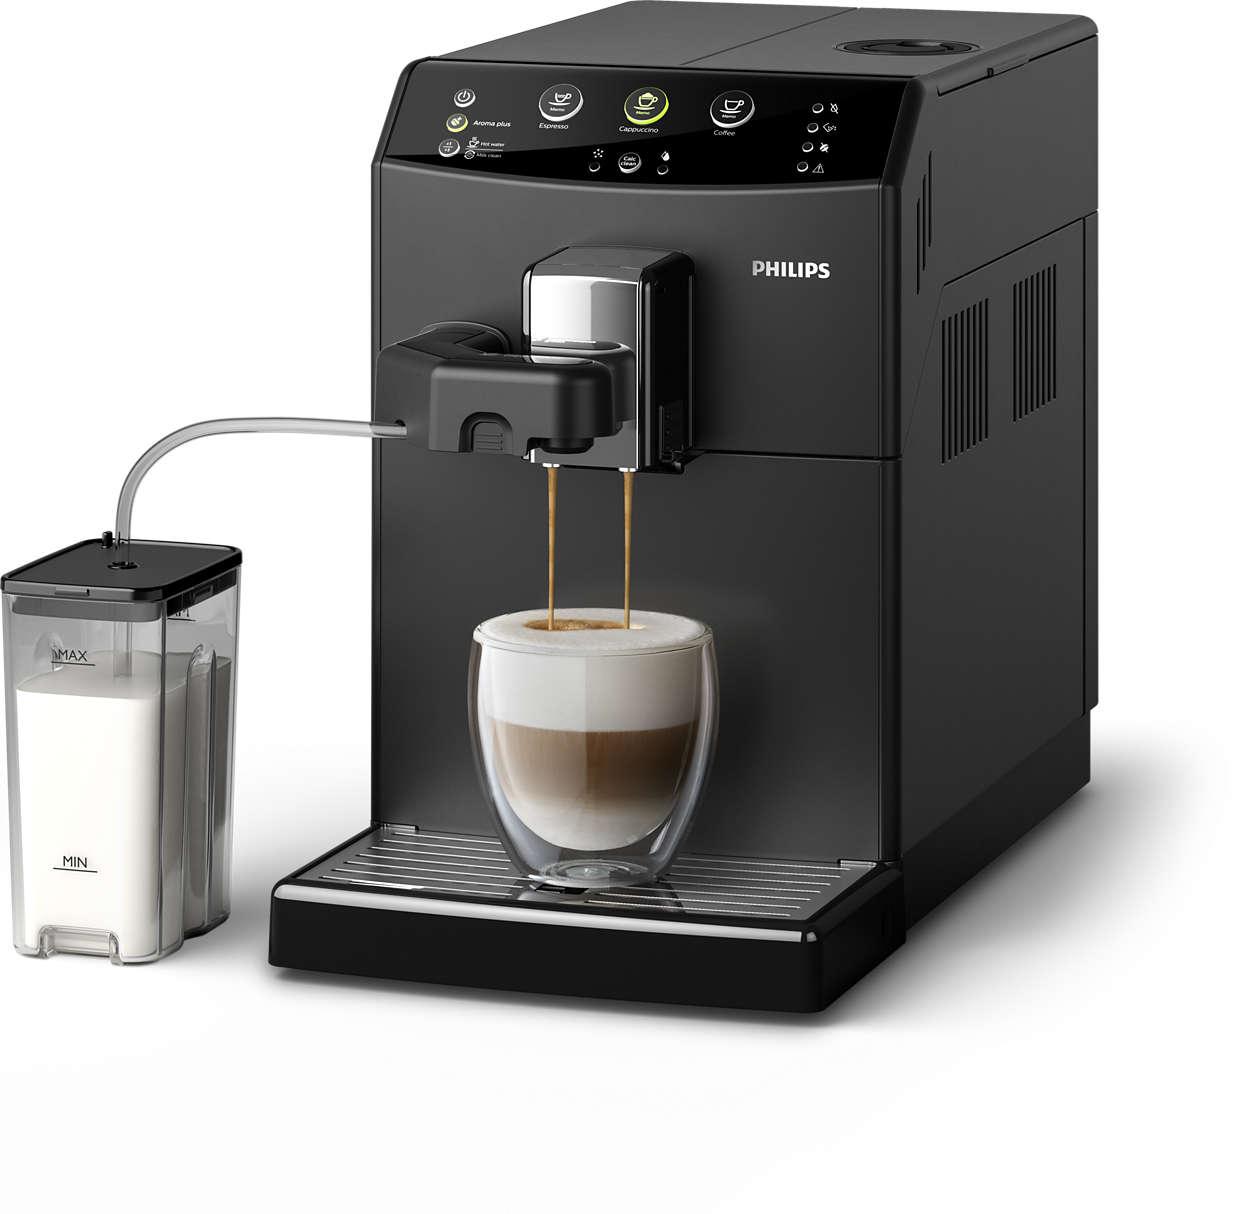 3000 series automatisk espressomaskin hd8829 01 philips. Black Bedroom Furniture Sets. Home Design Ideas